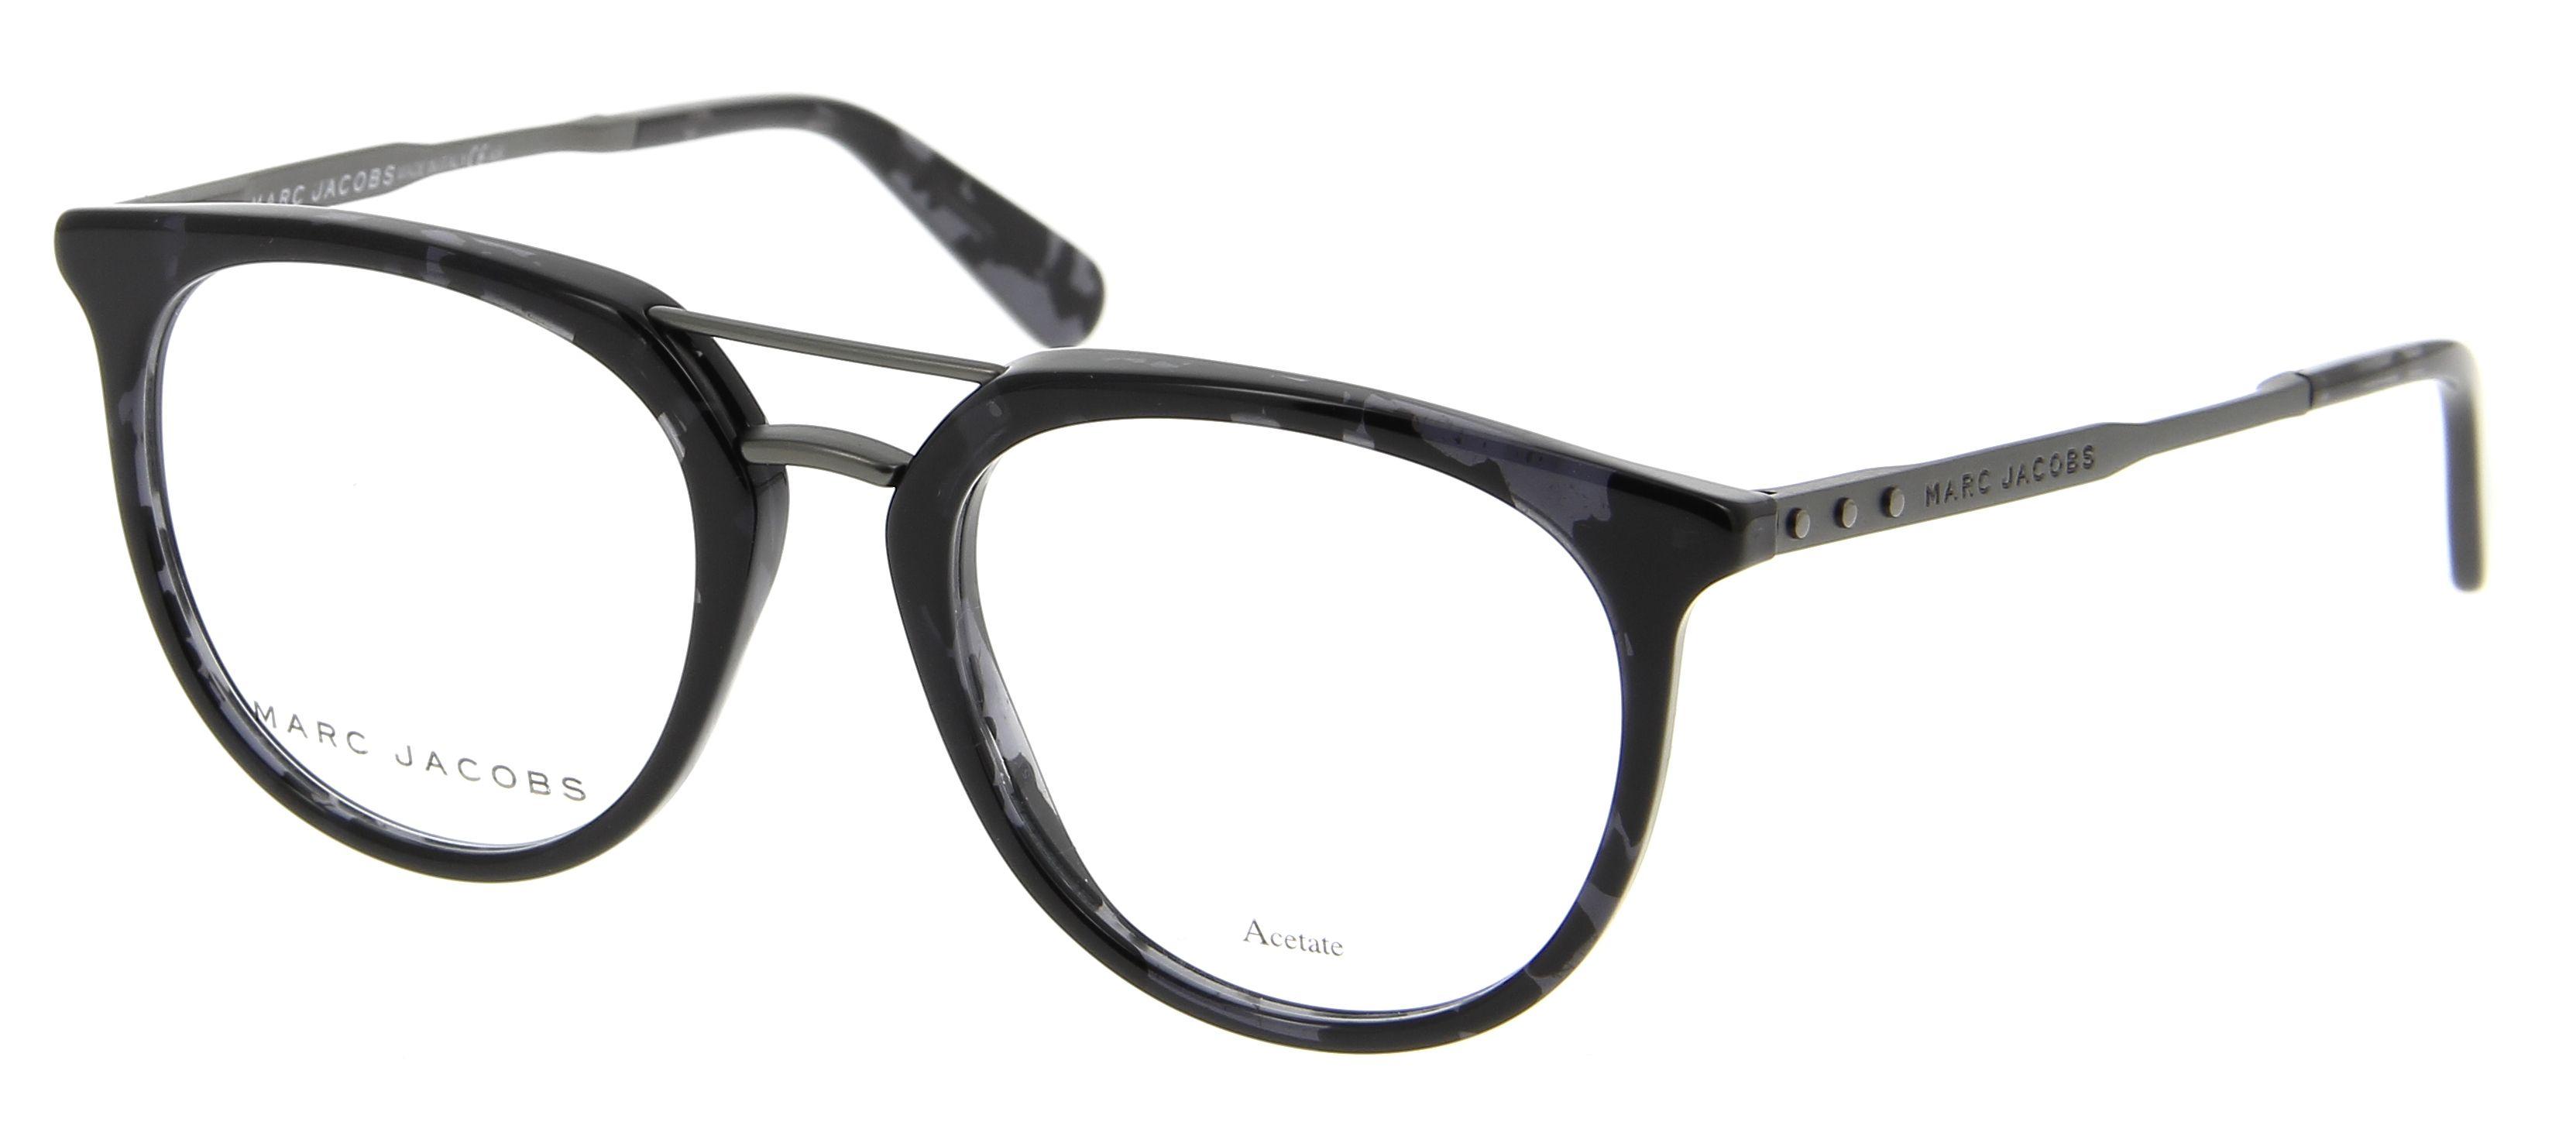 lunettes de vue marc jacobs mj 603 5t4 50 19 homme ecaille gris arrondie cercl e tendance. Black Bedroom Furniture Sets. Home Design Ideas